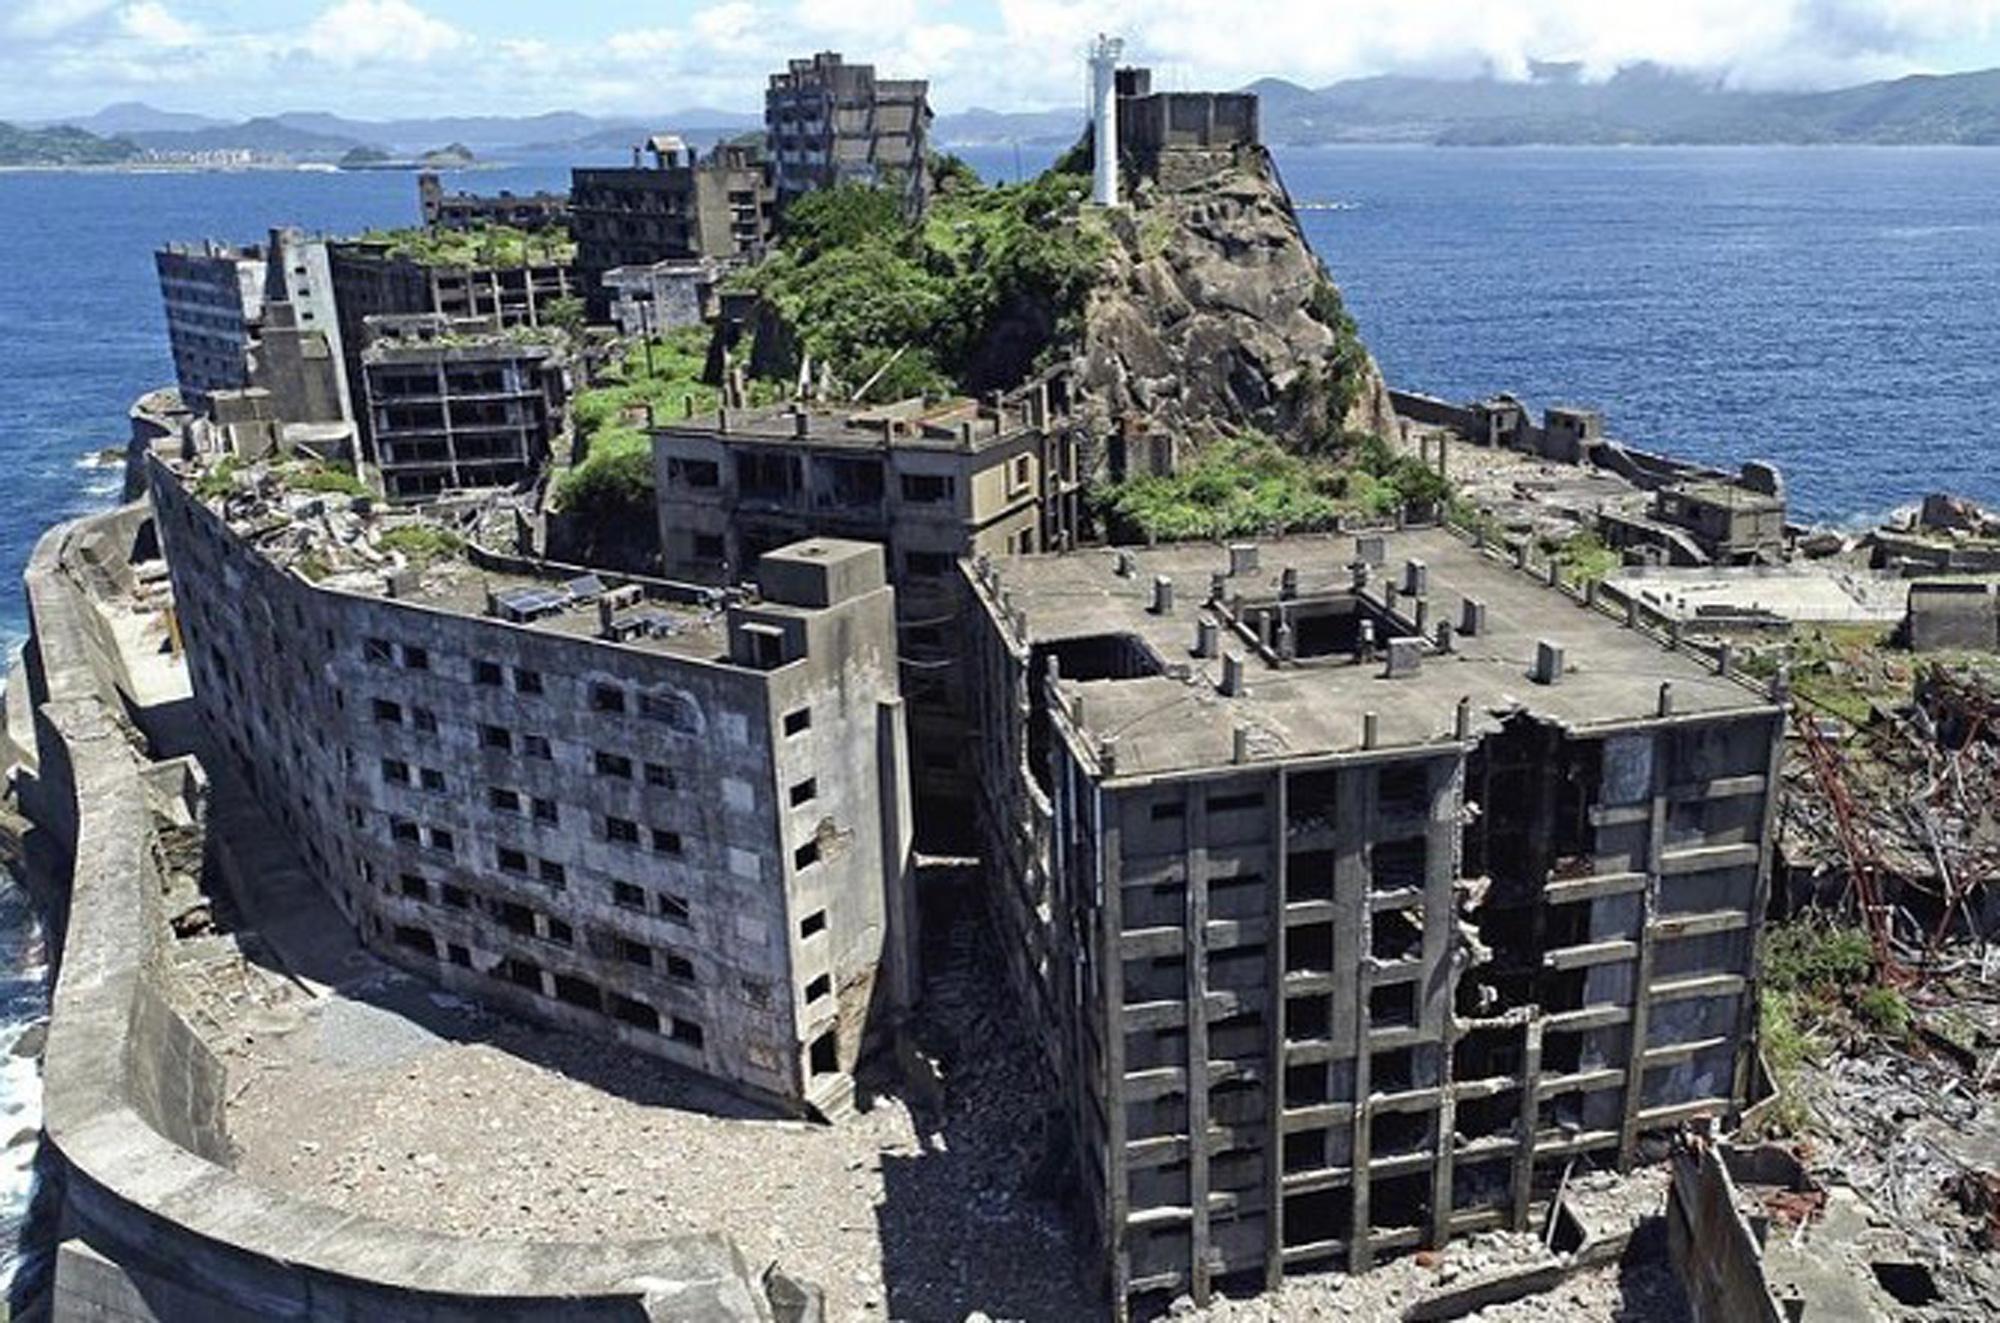 Những khu nhà bỏ hoang trở thành điểm hút khách khắp nơi trên thế giới - Ảnh 2.